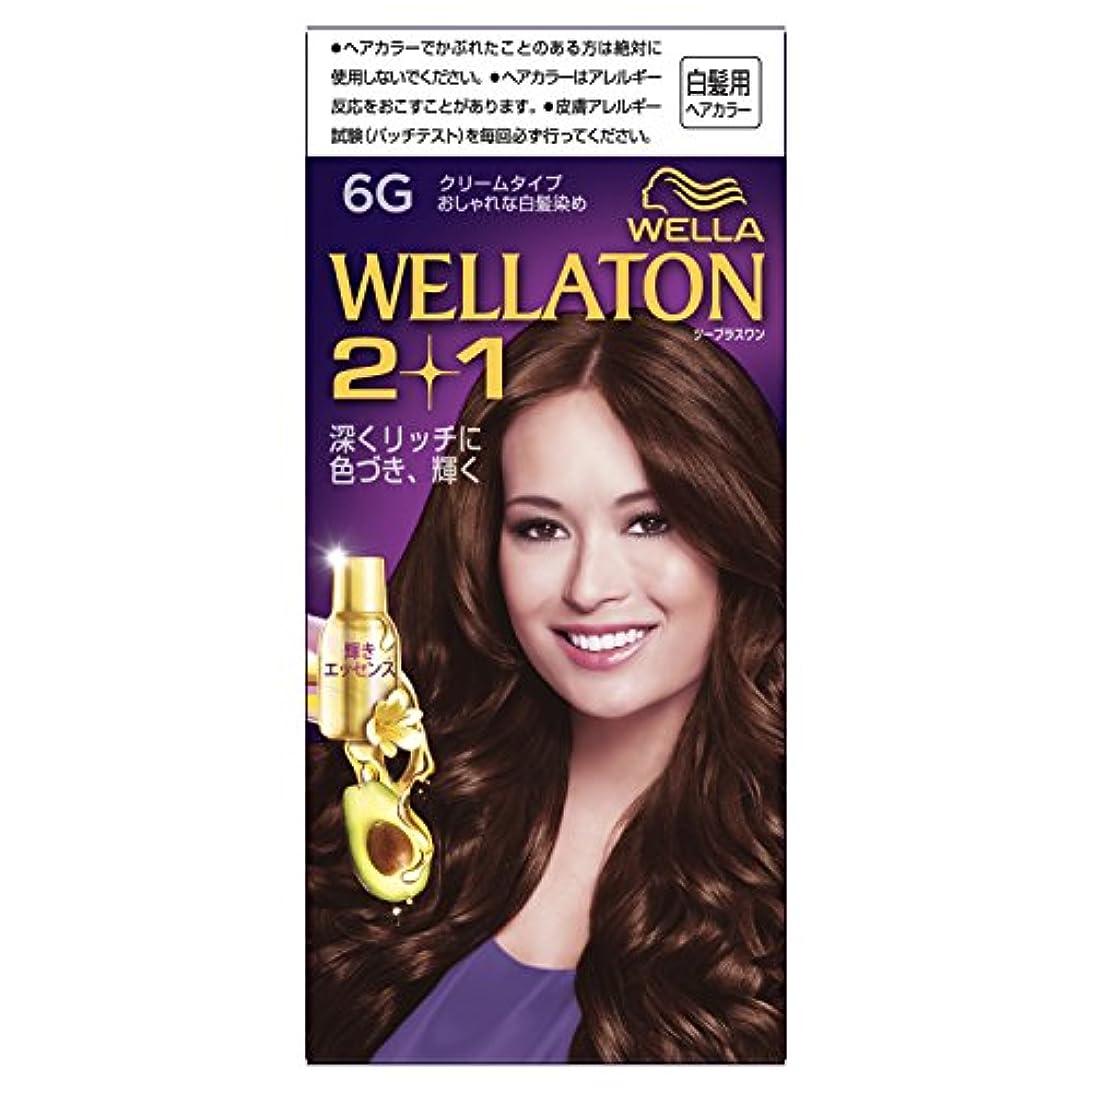 モルヒネ意欲甘いウエラトーン2+1 クリームタイプ 6G [医薬部外品](おしゃれな白髪染め)